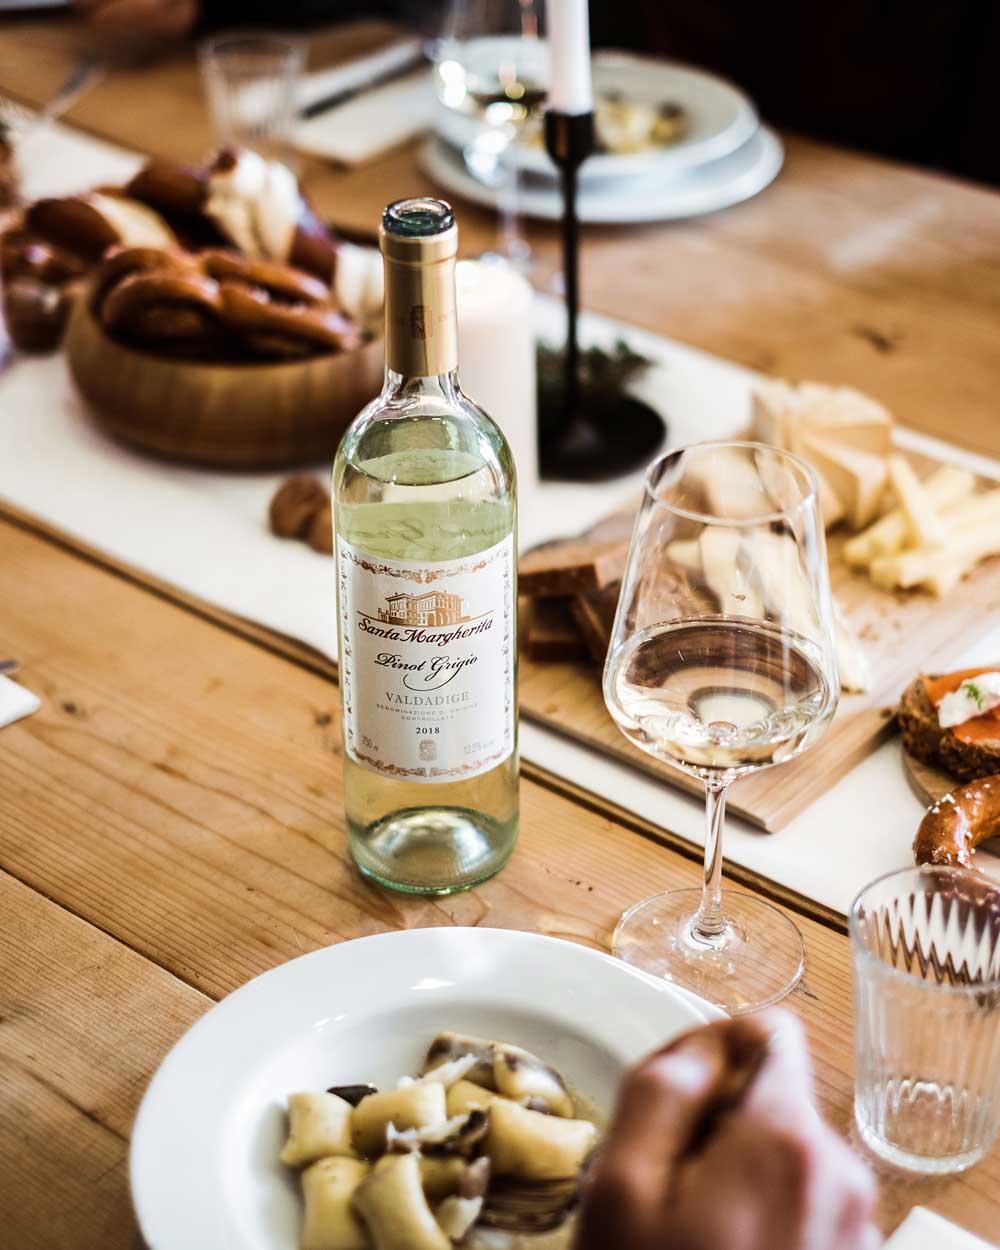 Santa Margherita es uno de los vinos más reconocidos del mundo por unir al hombre, la naturaleza y la tecnología.